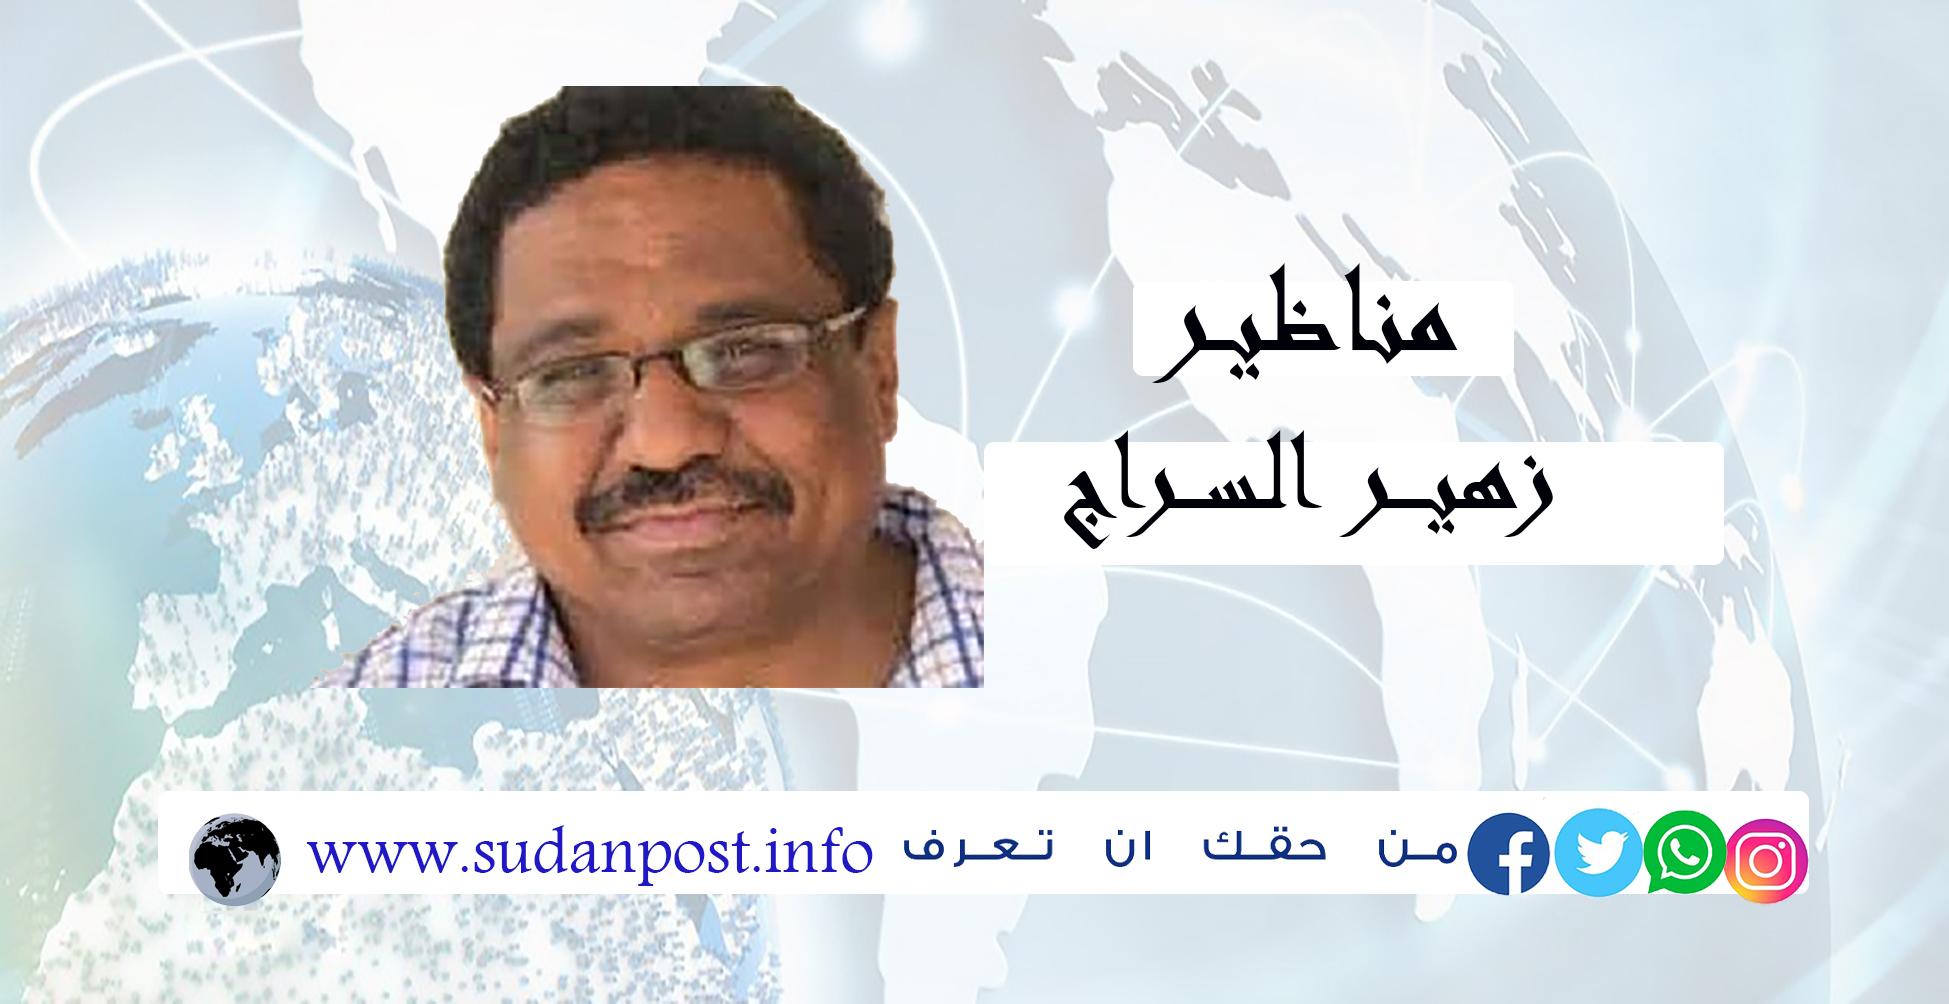 مناظير … بقلم: زهير السراج .. مسؤولية آذان التلفزيون !